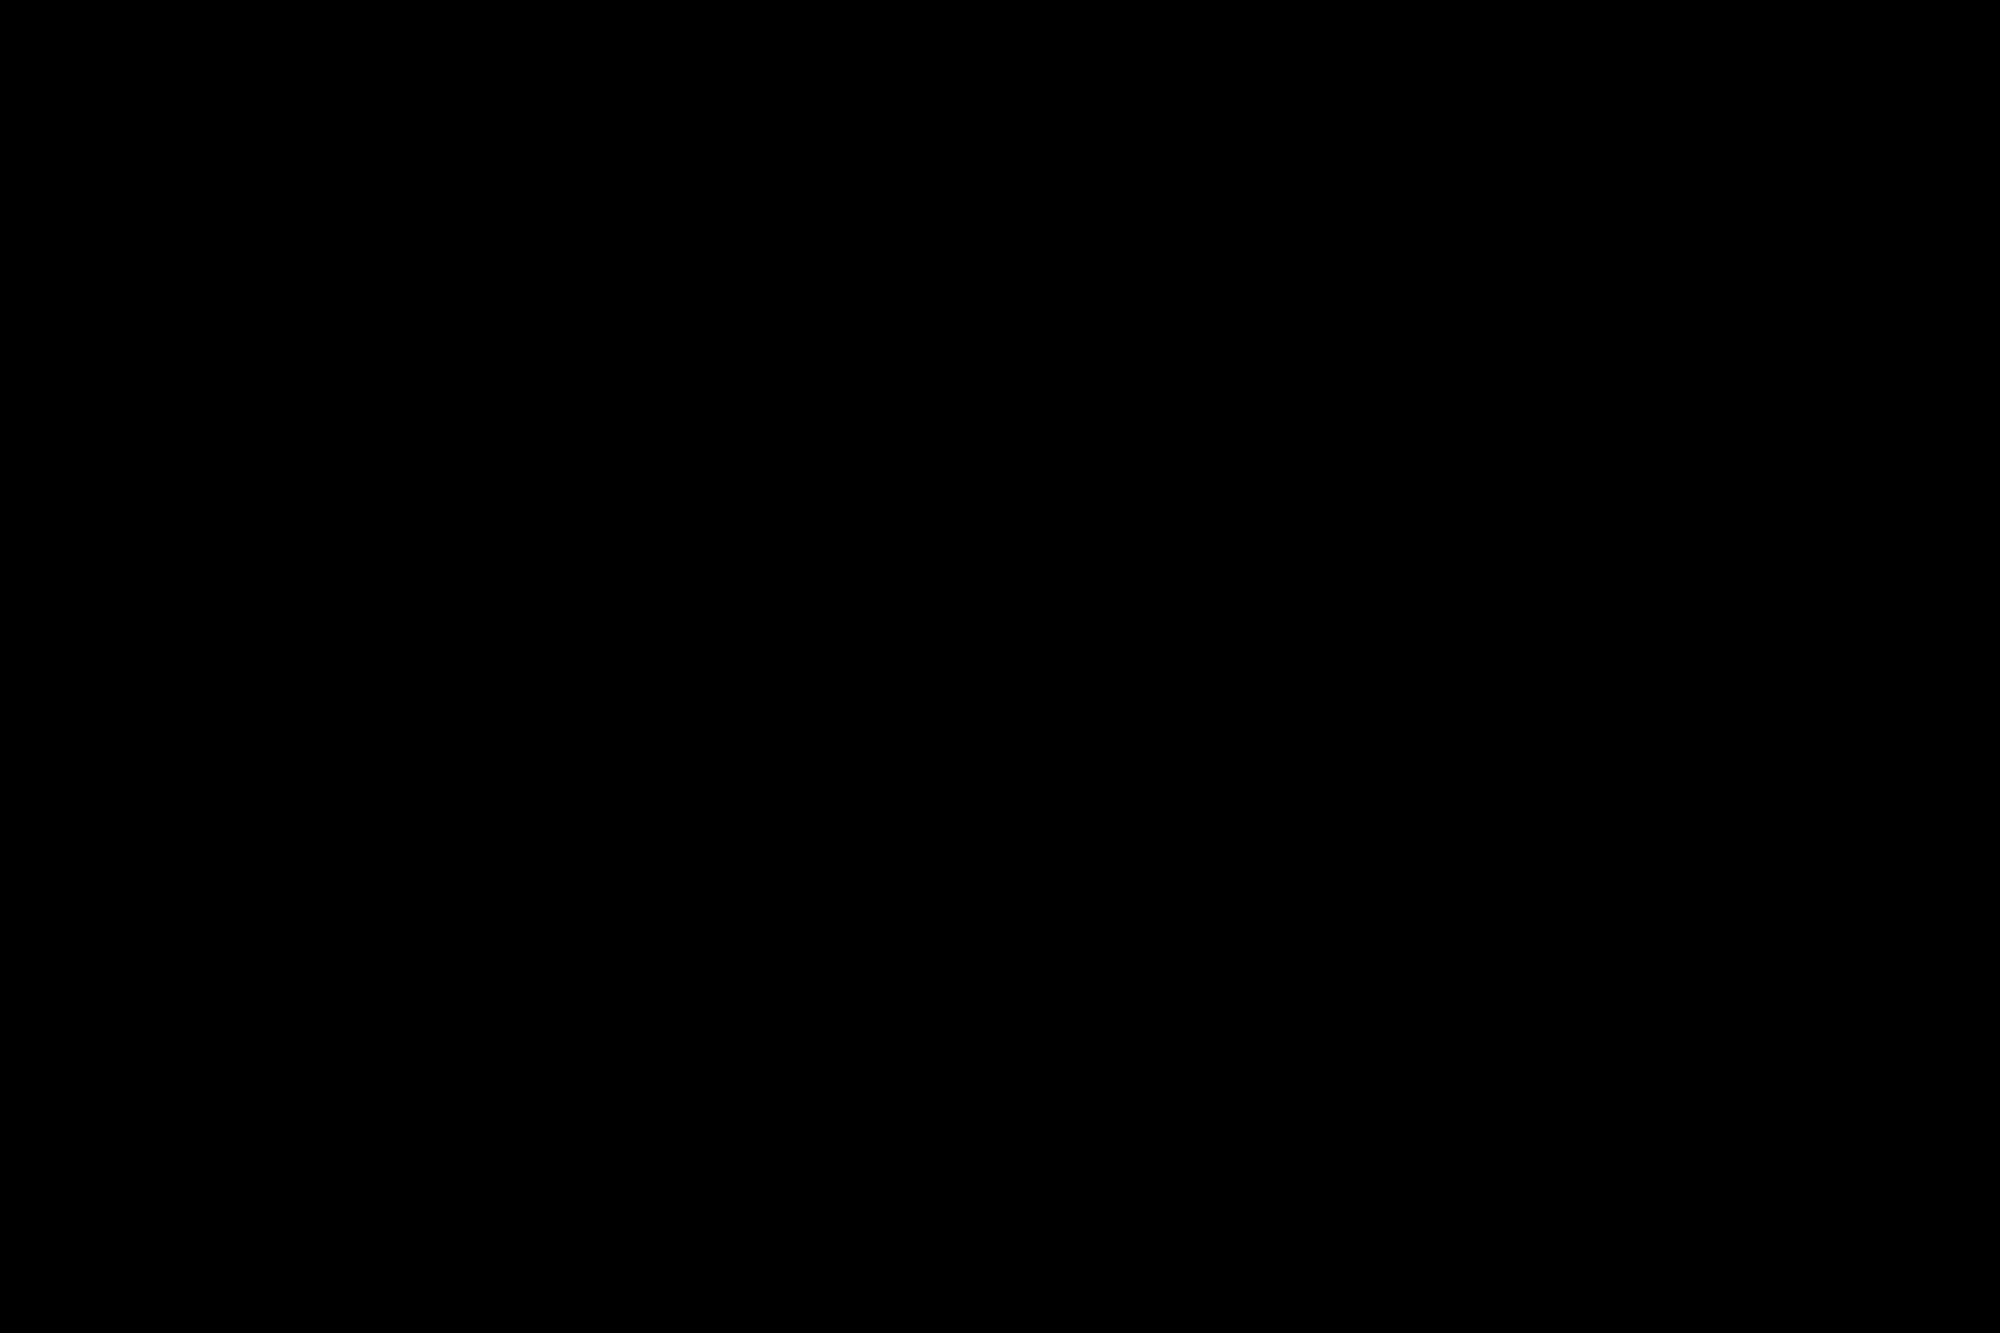 BLACKFIN // CAPE MAY SUNGLASSES